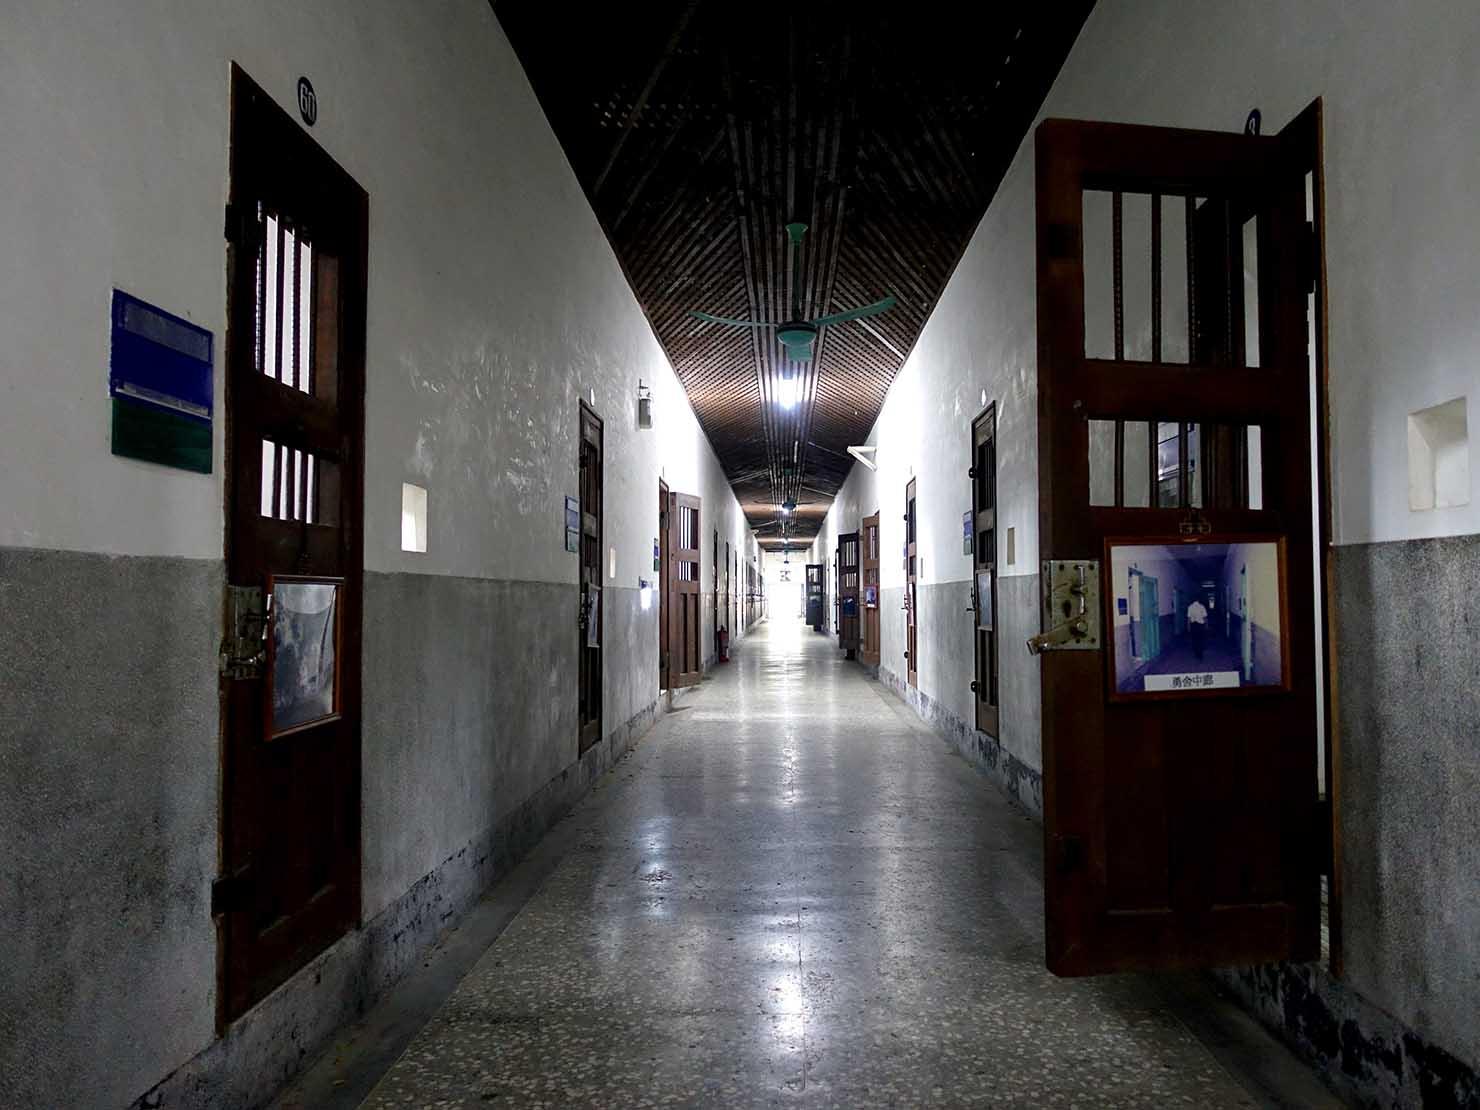 嘉義のおすすめ観光スポット「嘉義舊監獄」の独房棟